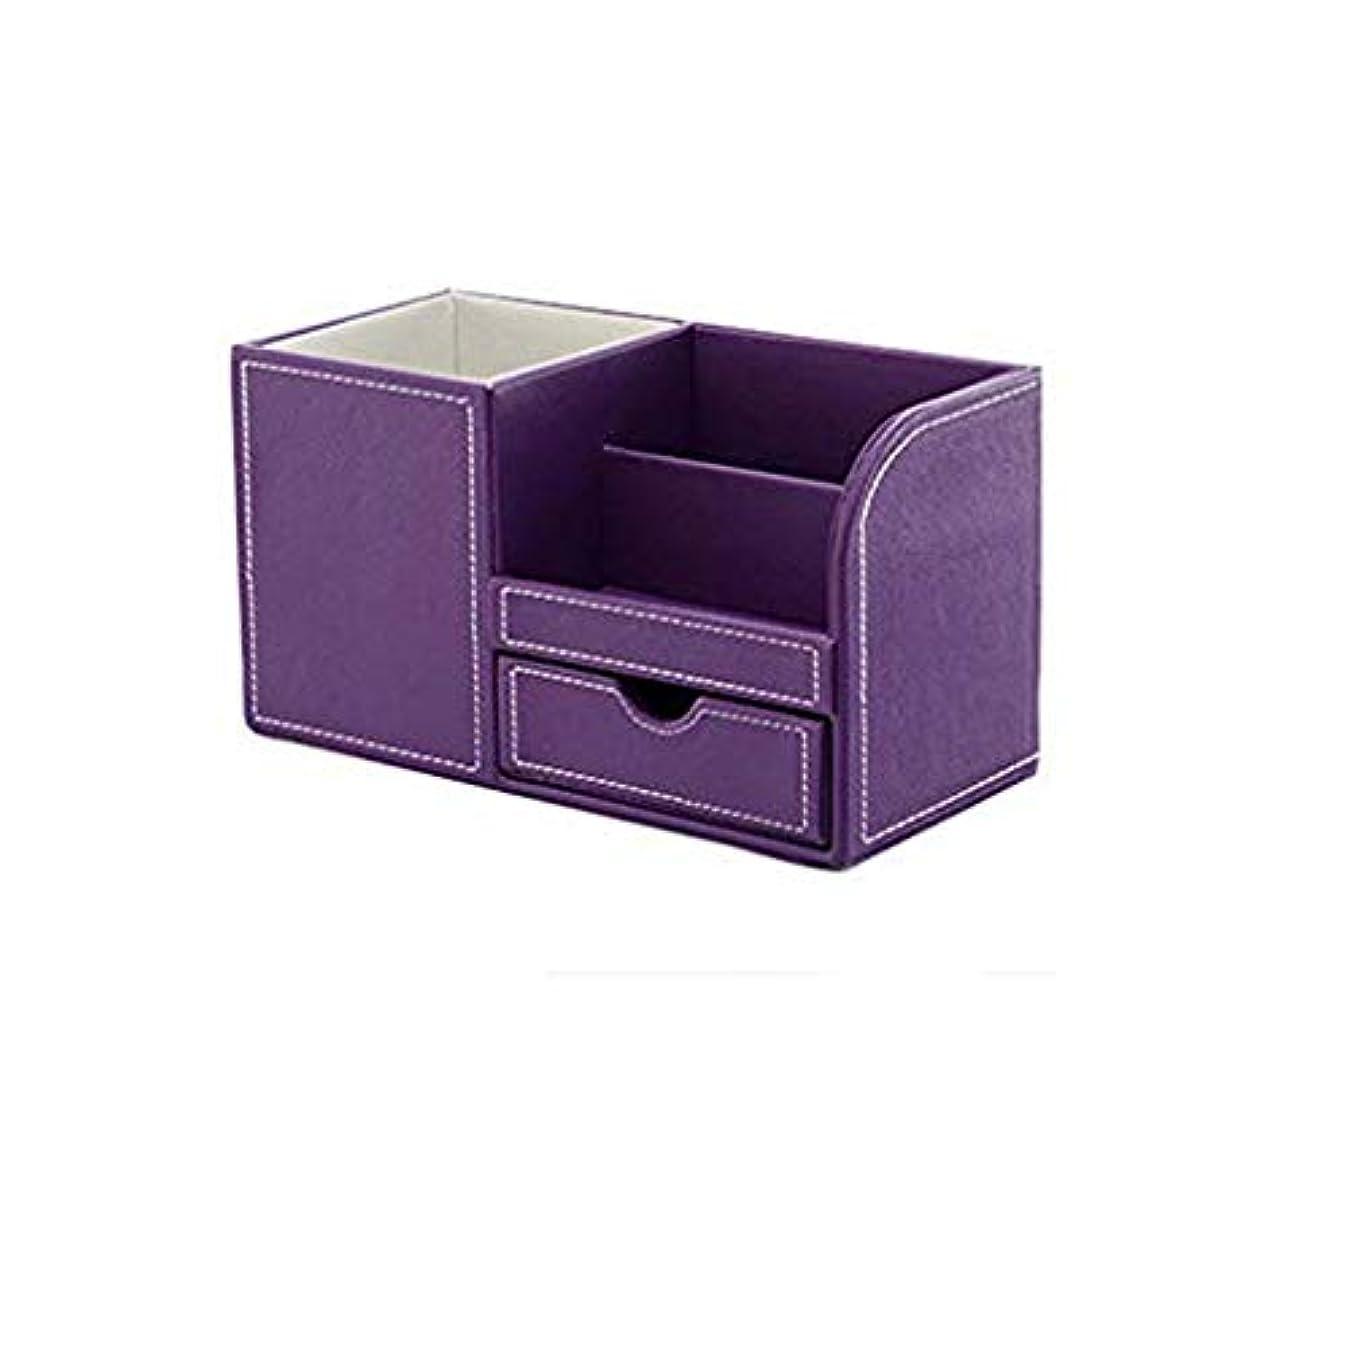 オアシスぐるぐるしっとり多機能収納ボックスペンホルダーオフィス文具デスクトップ事務用品ペンホルダー (Color : Purple)